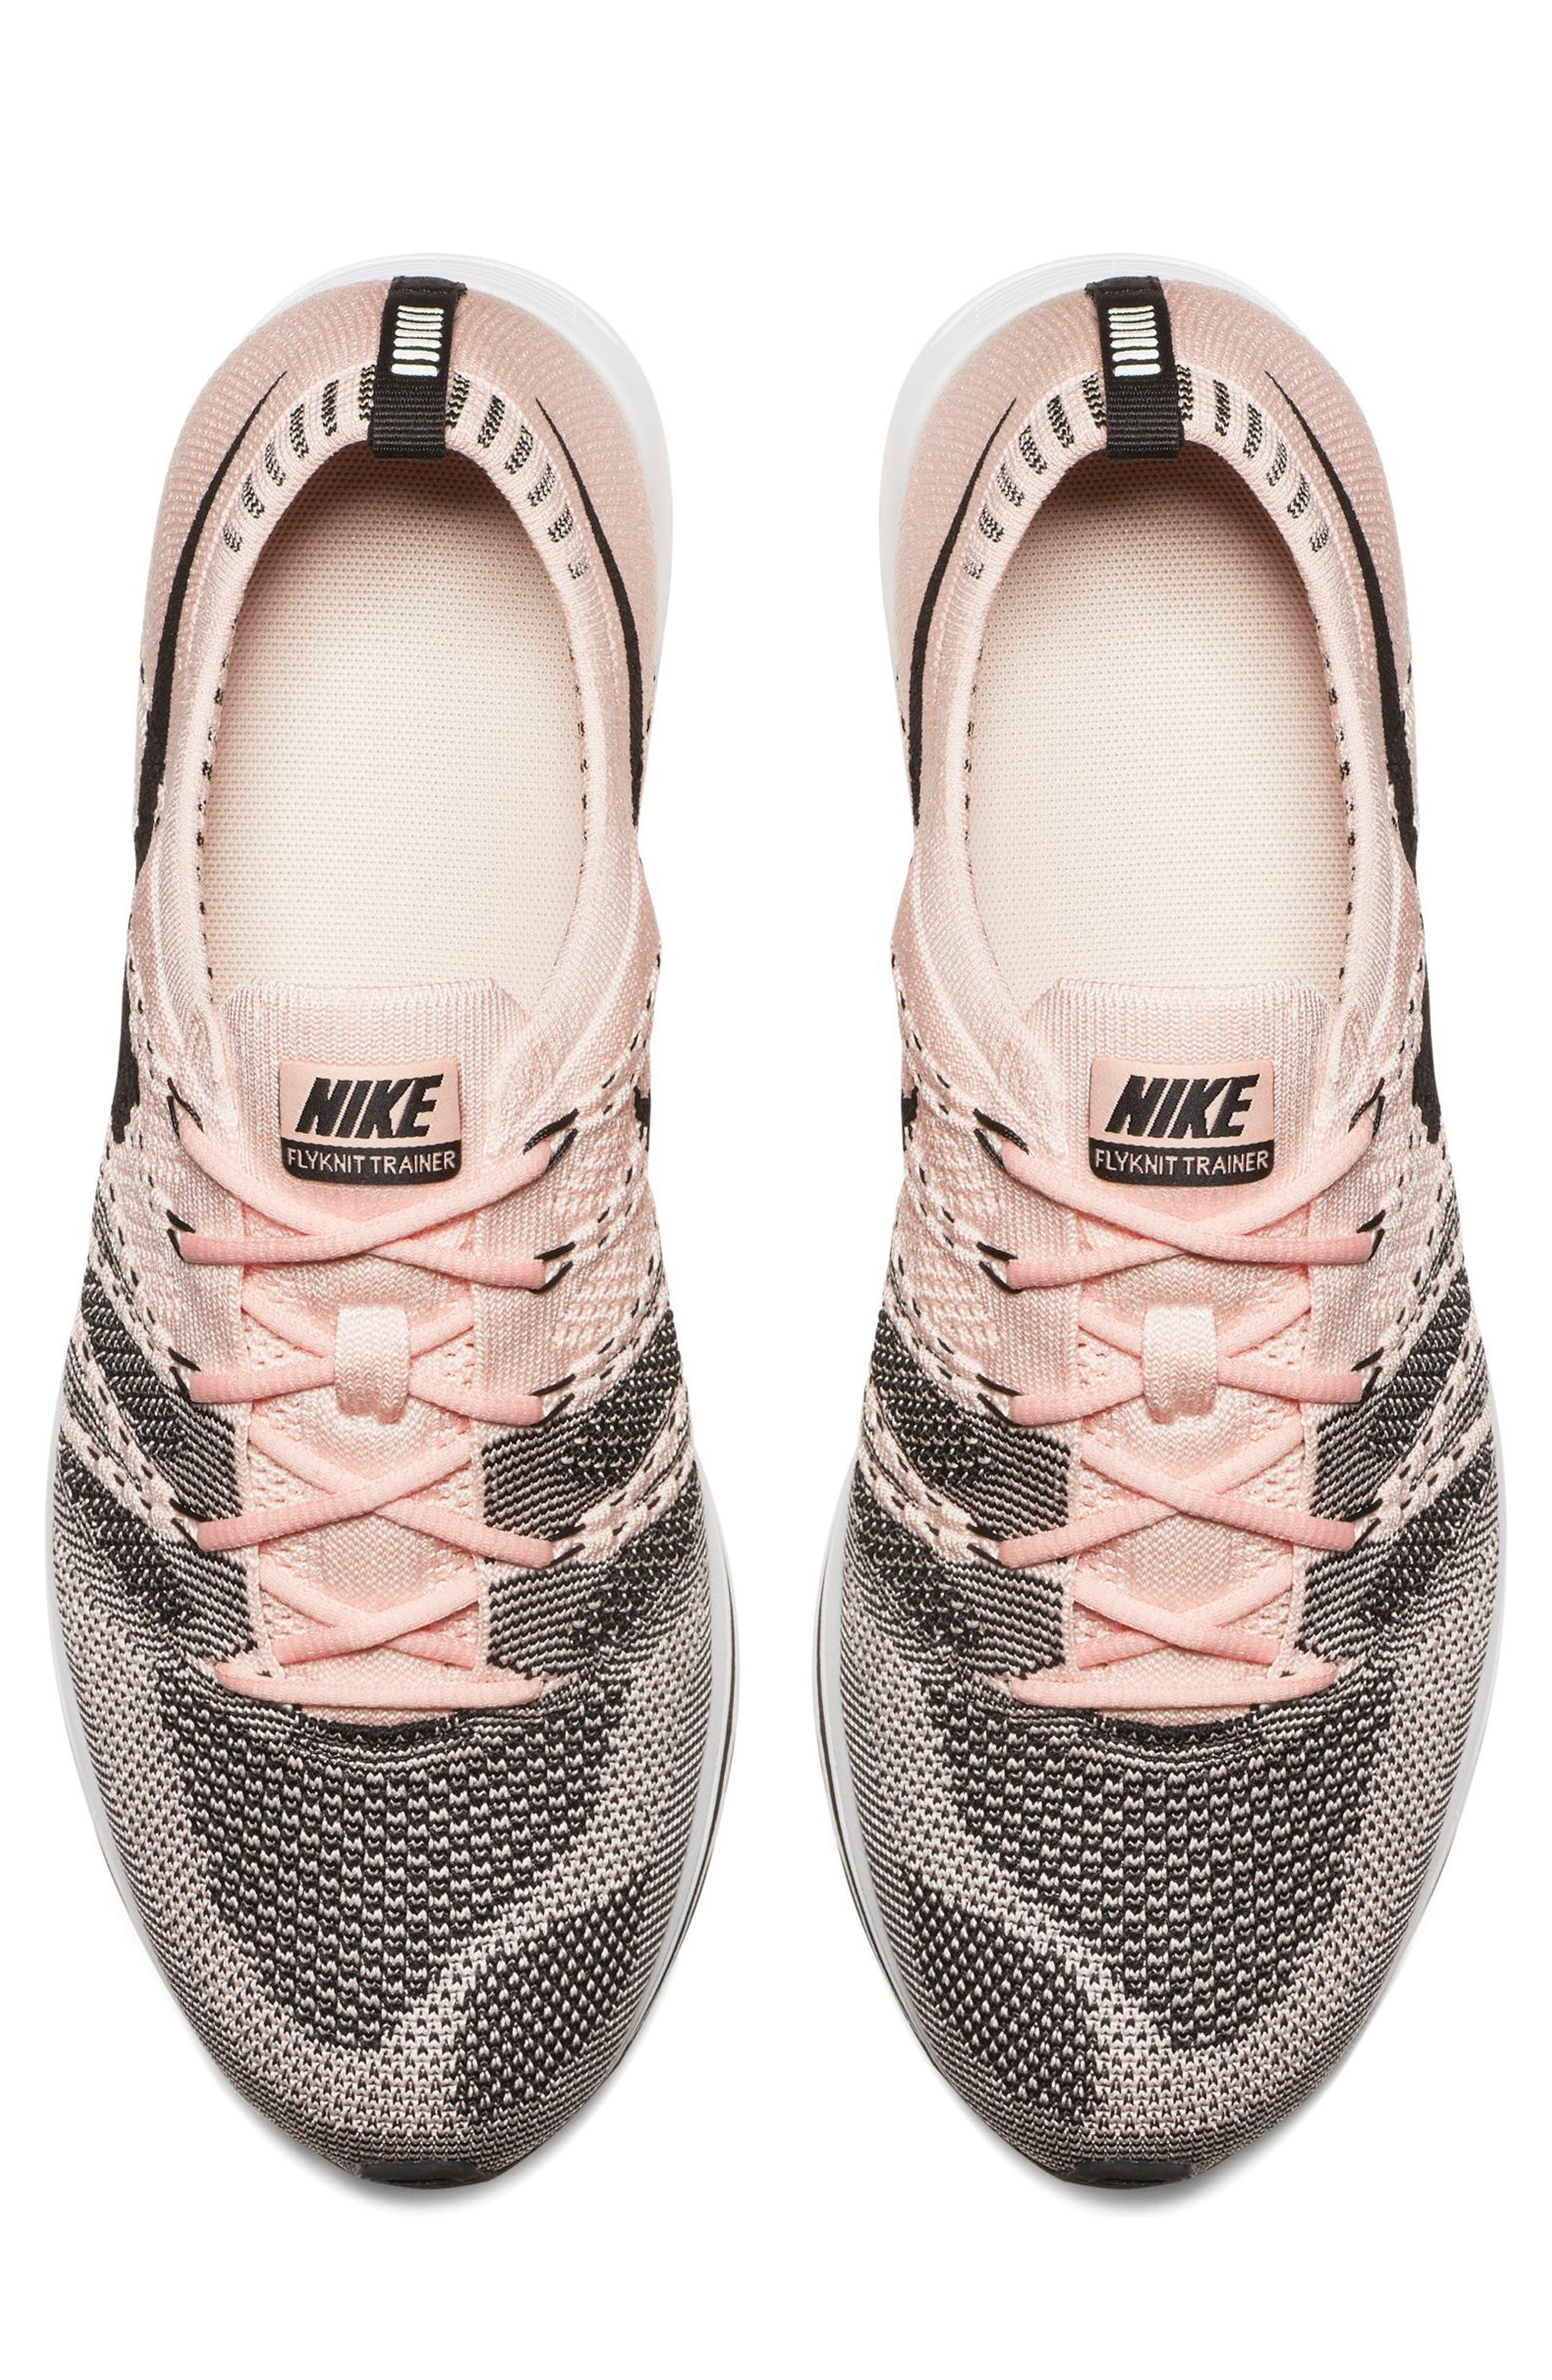 NikeLab Flyknit Trainer Sneaker,                             Alternate thumbnail 4, color,                             Sunset Tint/Black-White